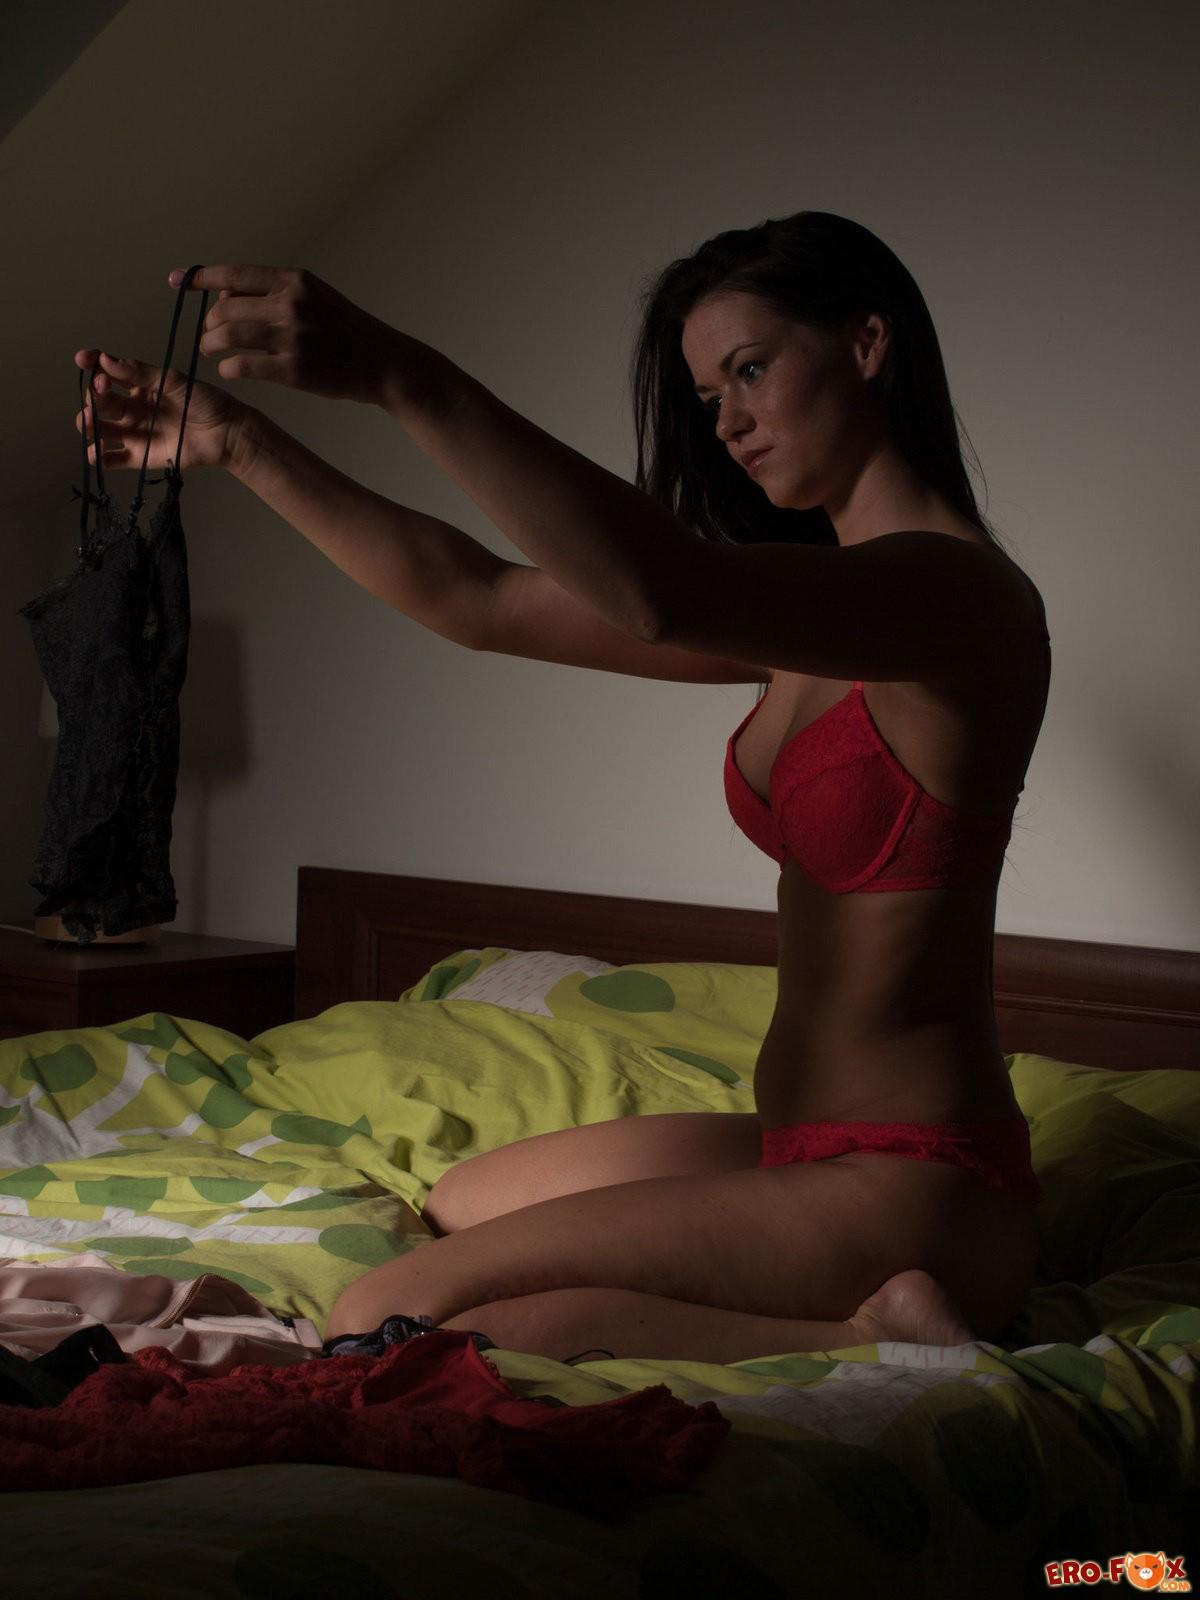 Девушка мастурбирует перед сном в кровати